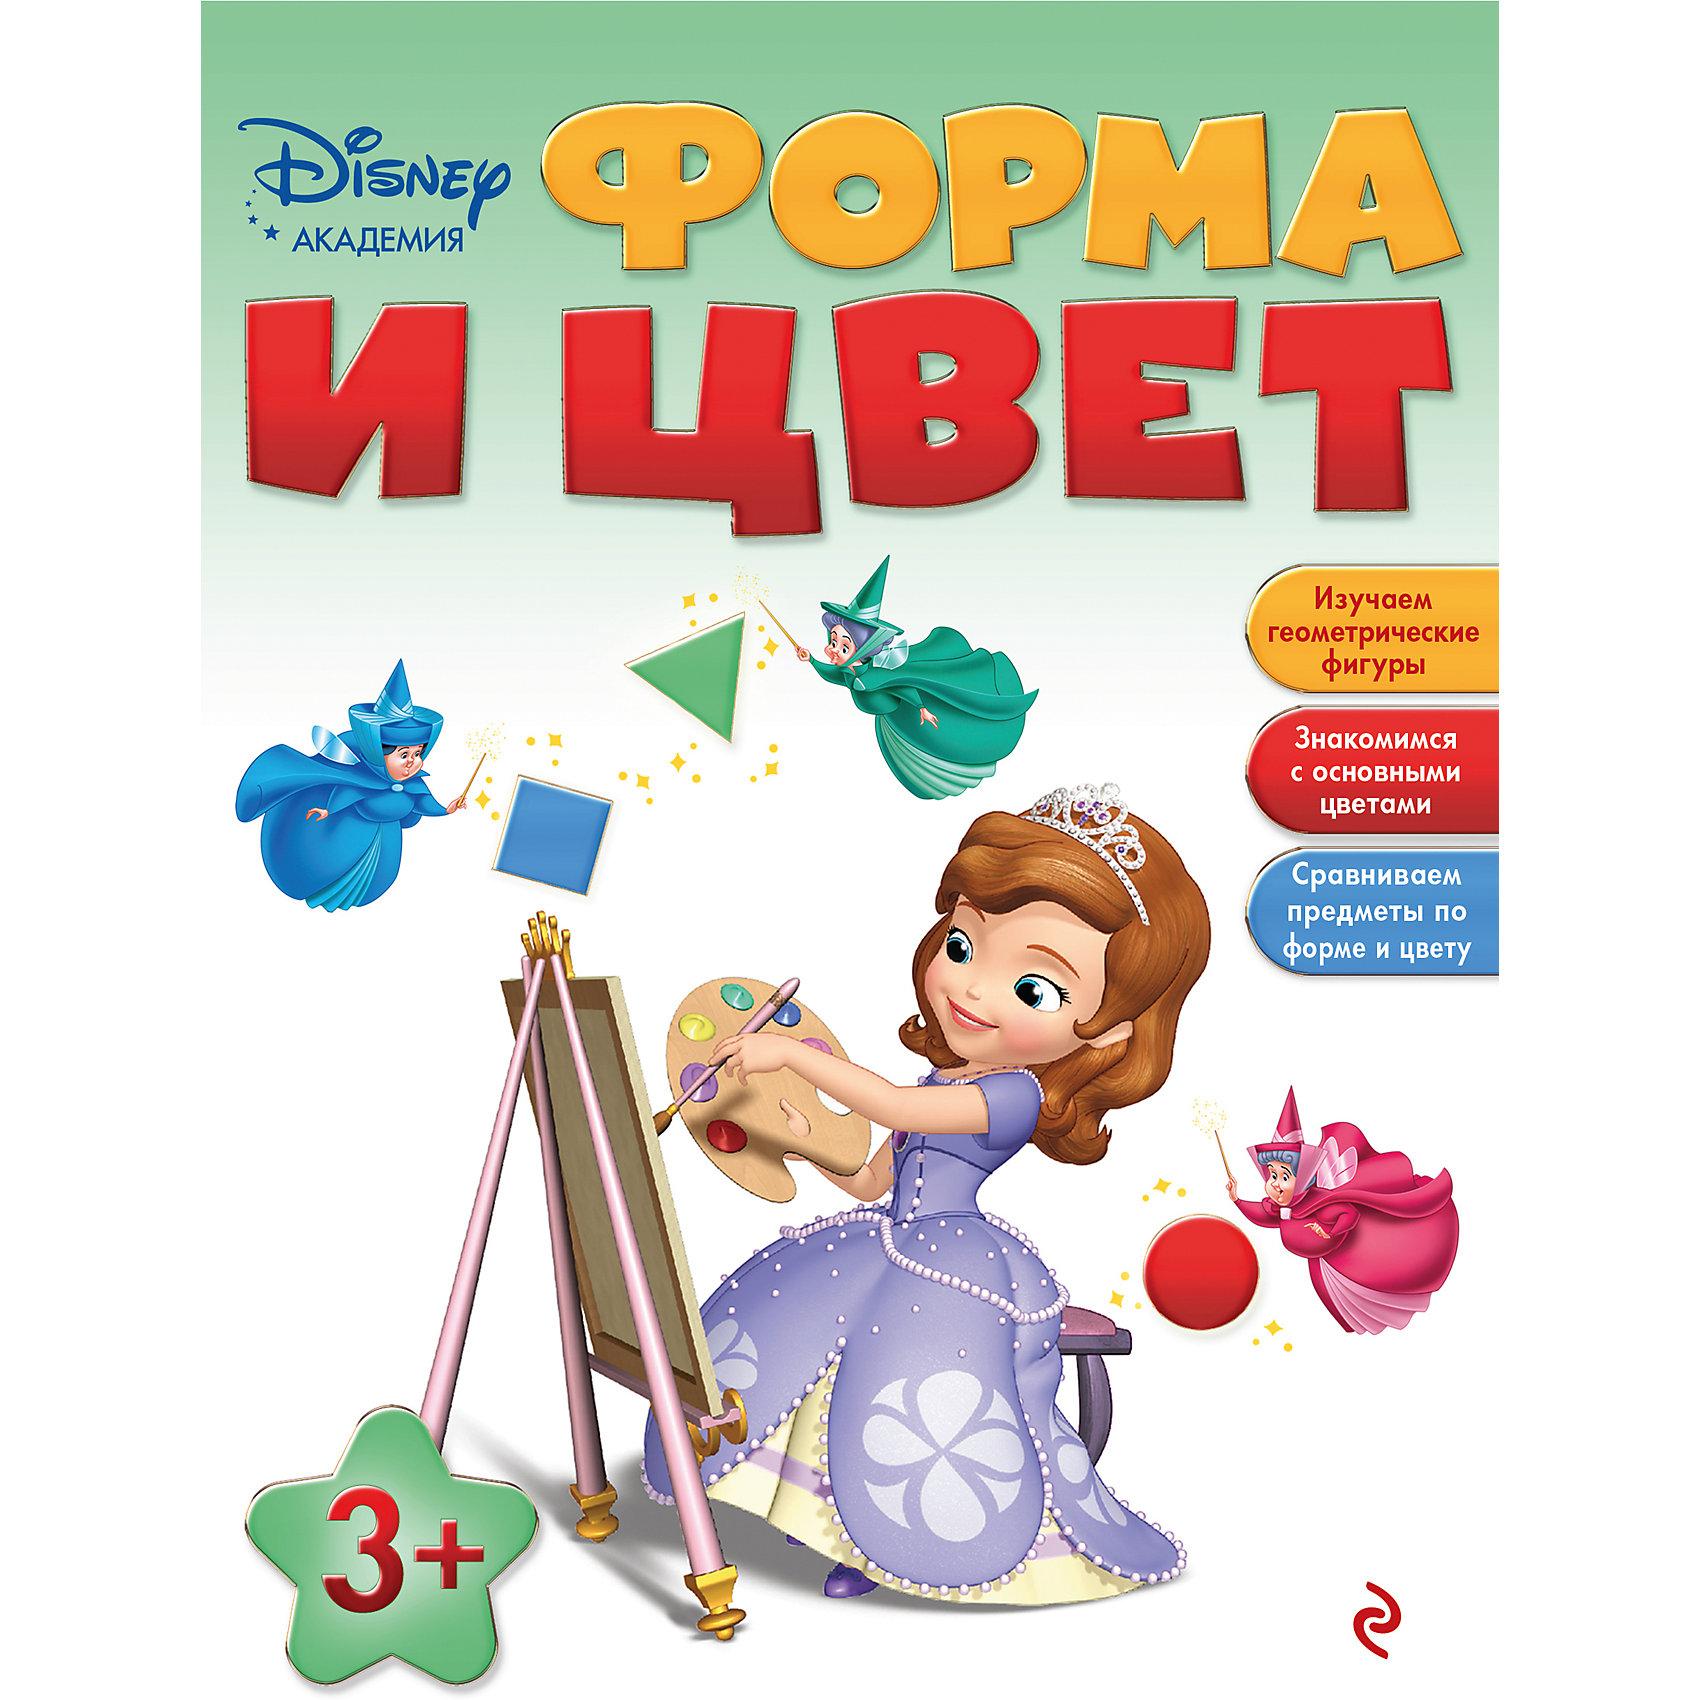 Форма и цвет: для детей от 3 летЗанимаясь по этой книге, ребёнок в доступной игровой форме познакомится с основными геометрическими формами и цветами, научится сравнивать предметы по этим признакам и потренирует мелкую моторику. Всё это - в компании с персонажами нового мультсериала Disney София Прекрасная! <br>Книги серии Disney. Занимательные уроки являются незаменимыми помощниками в развитии вашего ребёнка. В них вы найдёте разнообразные увлекательные задания, которые позволят малышу приобрести навыки, необходимые для дальнейшего обучения в школе. <br><br>Дополнительная информация:<br><br>- Формат: 28х21 см.<br>- Переплет: мягкий.<br>- Количество страниц: 32 <br>- Иллюстрации: цветные.<br>- Медаль в комплекте.<br><br>Книгу Форма и цвет: для детей от 3 лет можно купить в нашем магазине.<br><br>Ширина мм: 280<br>Глубина мм: 210<br>Высота мм: 3<br>Вес г: 122<br>Возраст от месяцев: 36<br>Возраст до месяцев: 72<br>Пол: Унисекс<br>Возраст: Детский<br>SKU: 4414963